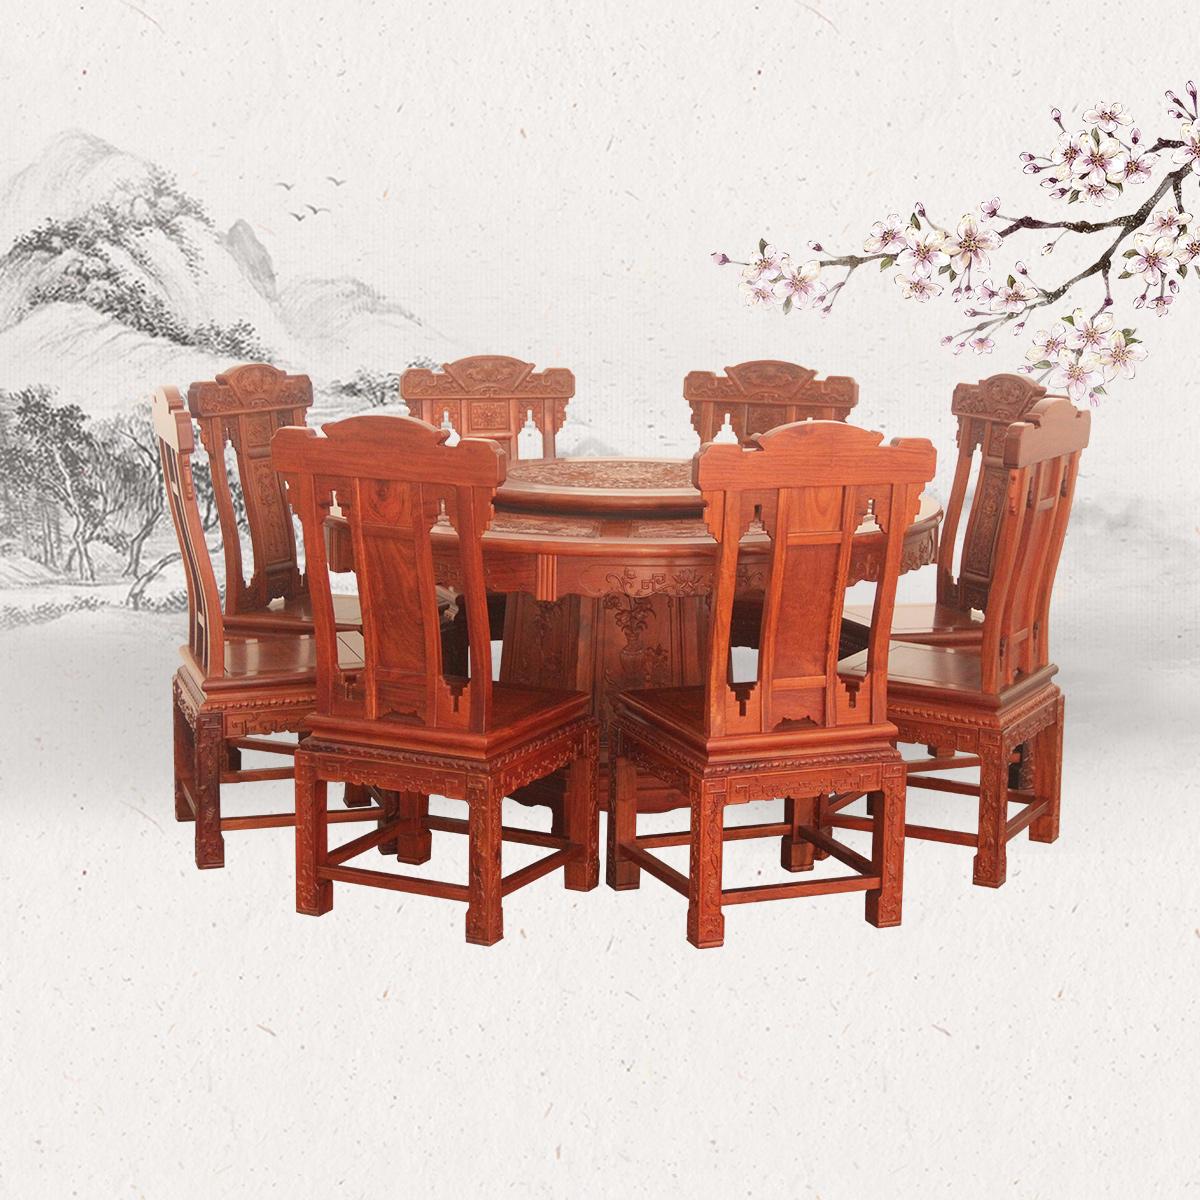 156雕花圆台配马蹄脚餐椅